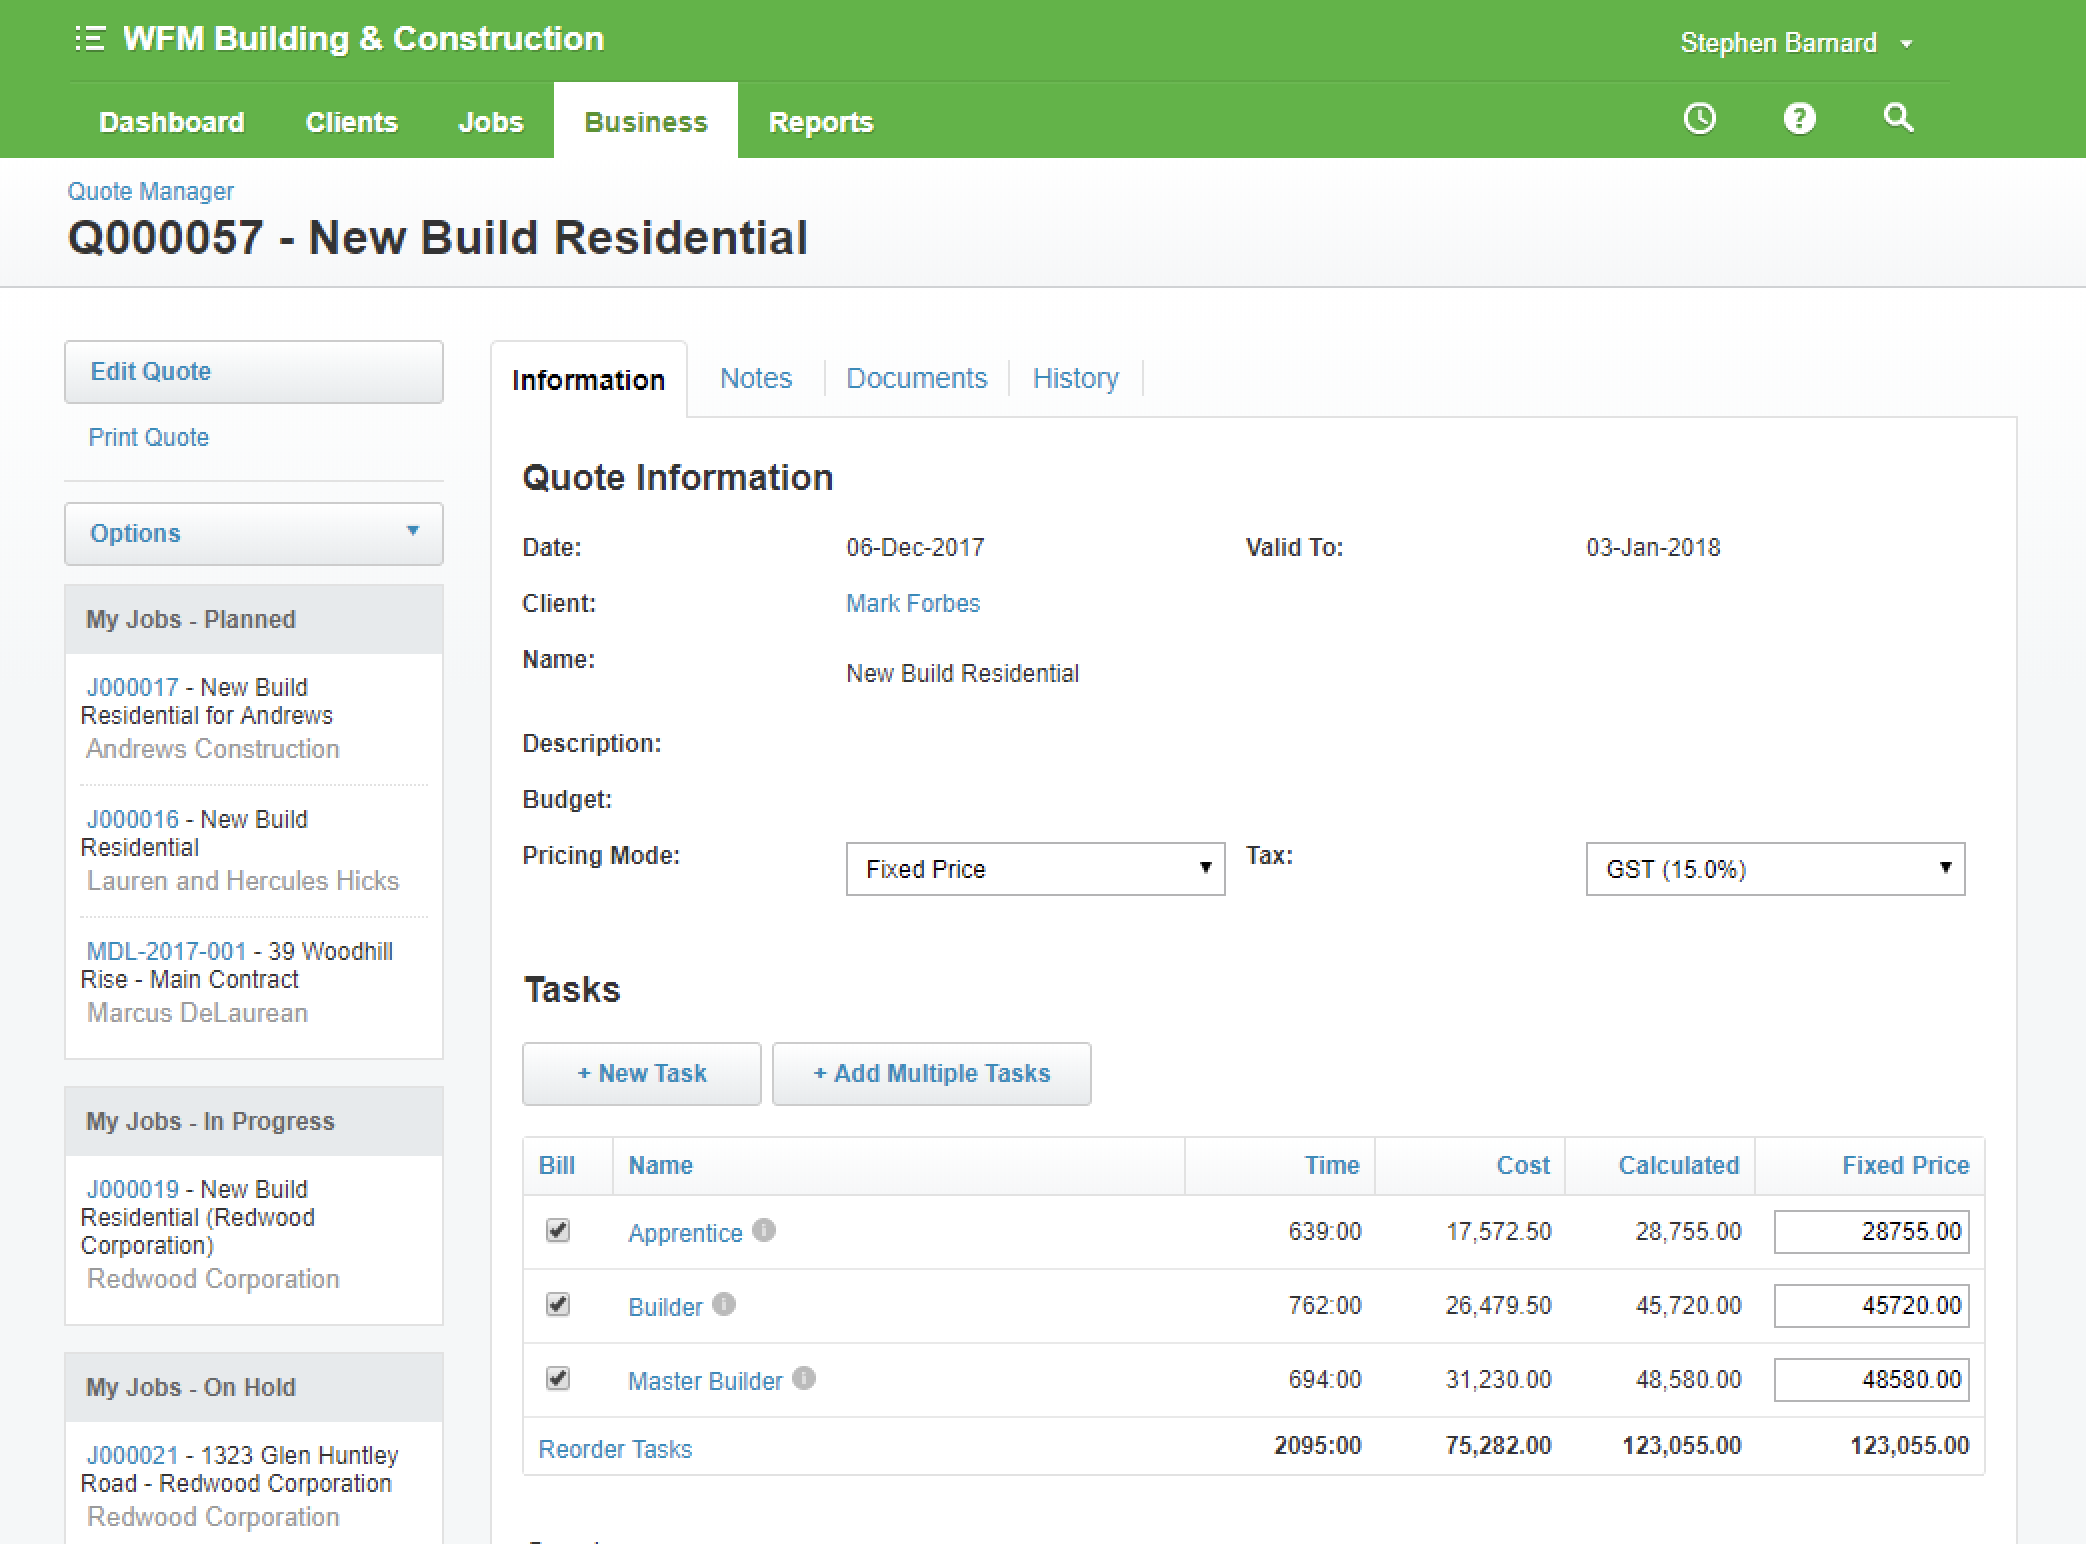 WorkflowMax screenshot